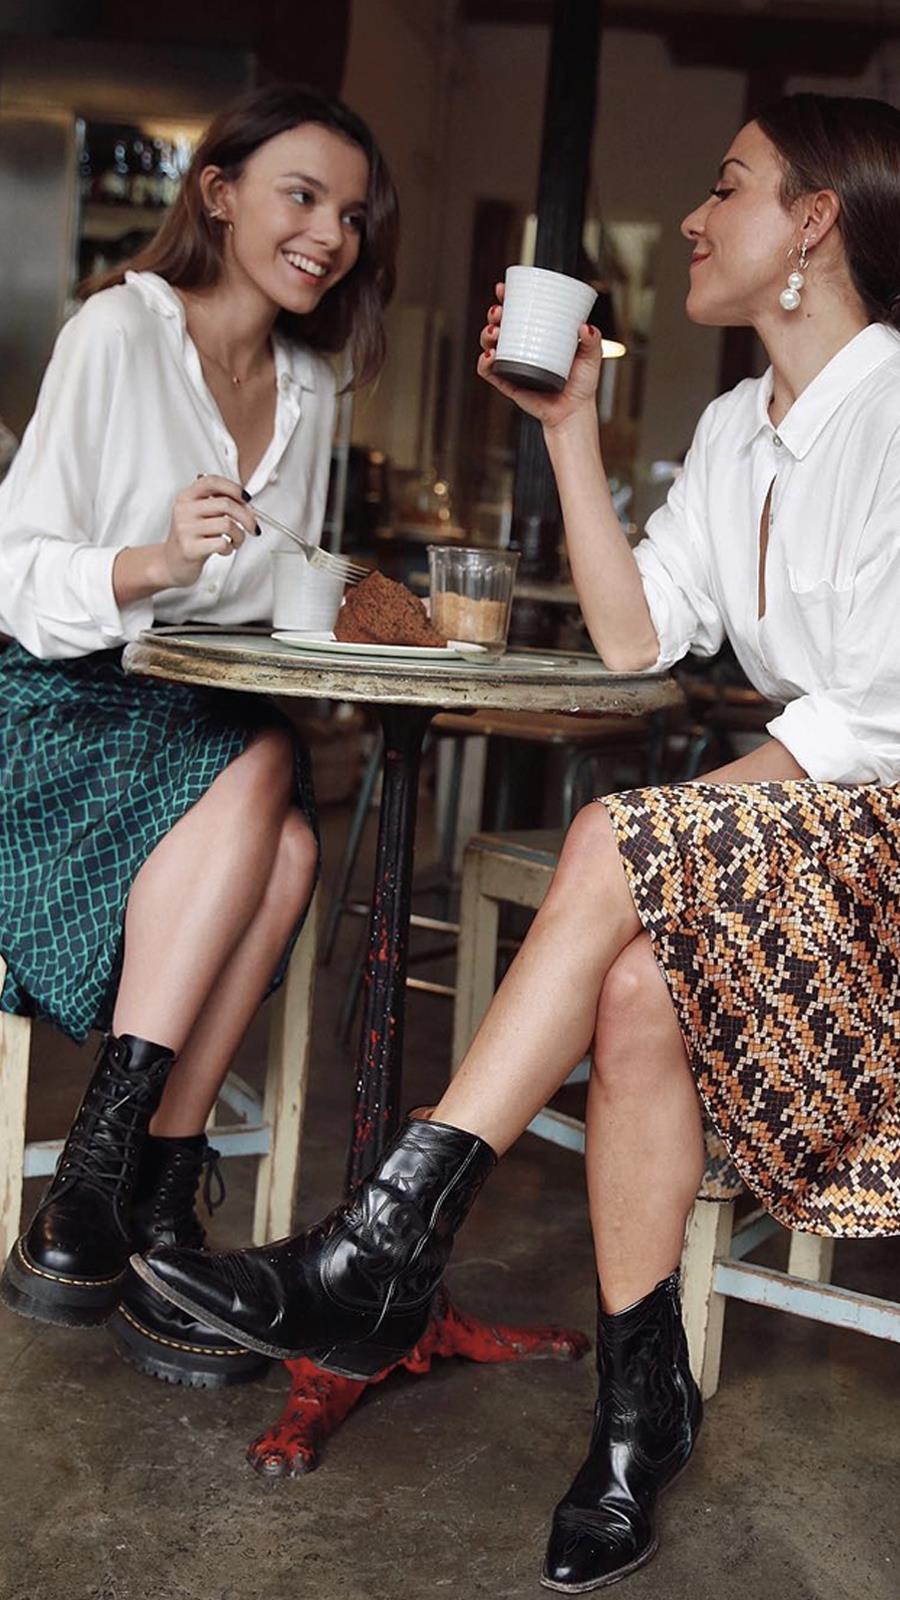 836b73b9c Botas de moda 2019: 10 looks para llevarlas con estilo - InStyle